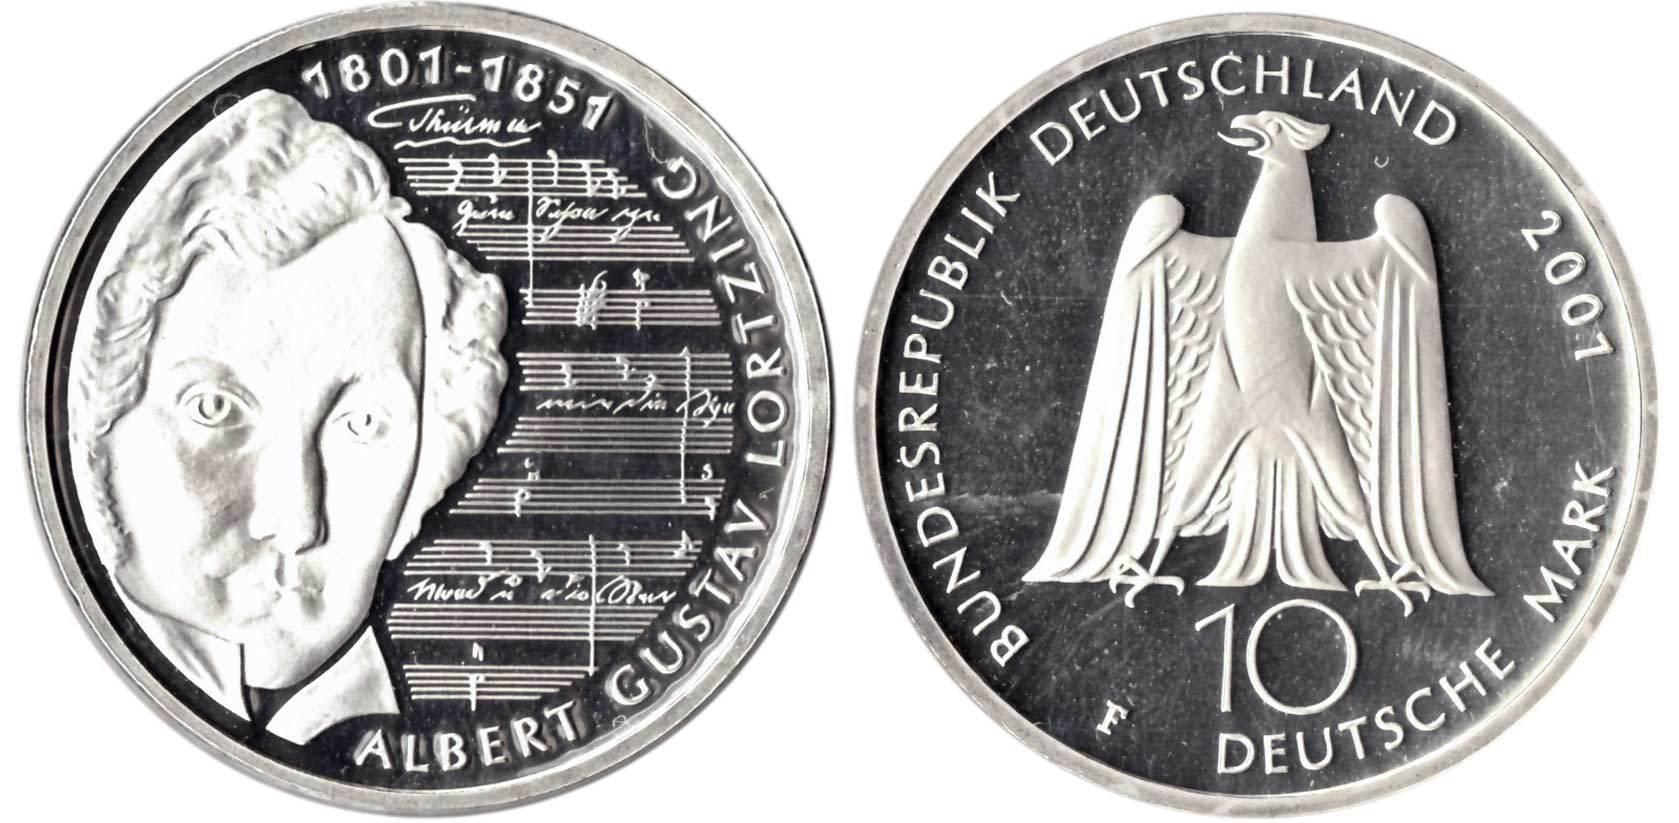 10 марок. 250 лет со дня рождения Альберта Лорцинга (F). Серебро. 2001 г. PROOF